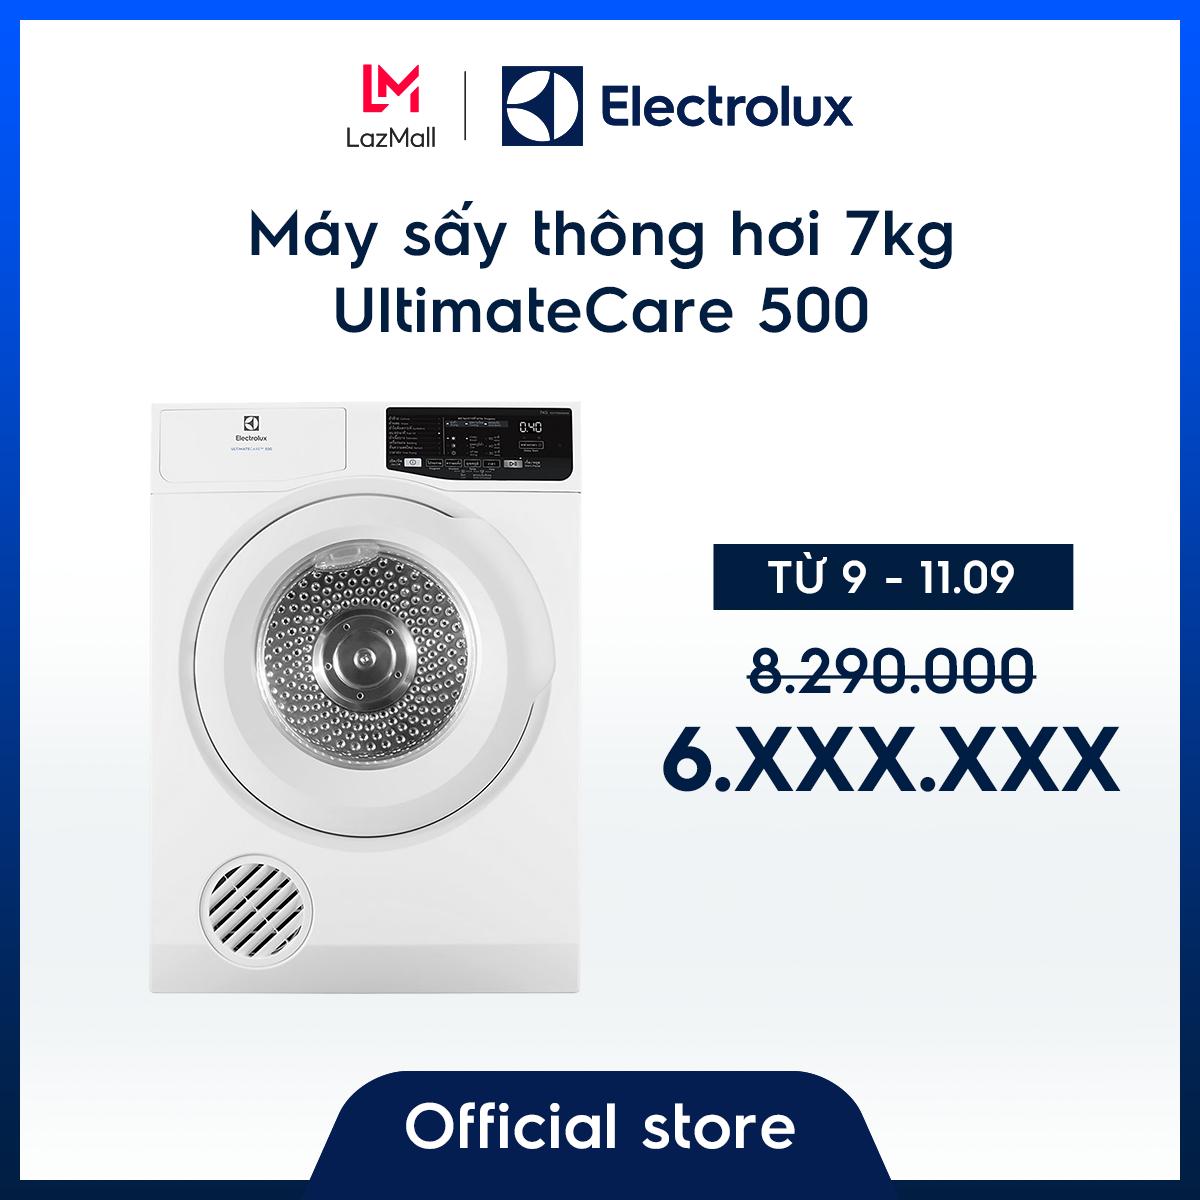 [Miễn phí lắp đặt – Giao hàng HCM & HN] Máy sấy thông hơi Electrolux 7kg UltimateCare 500 EDV705HQWA – Màu Trắng –